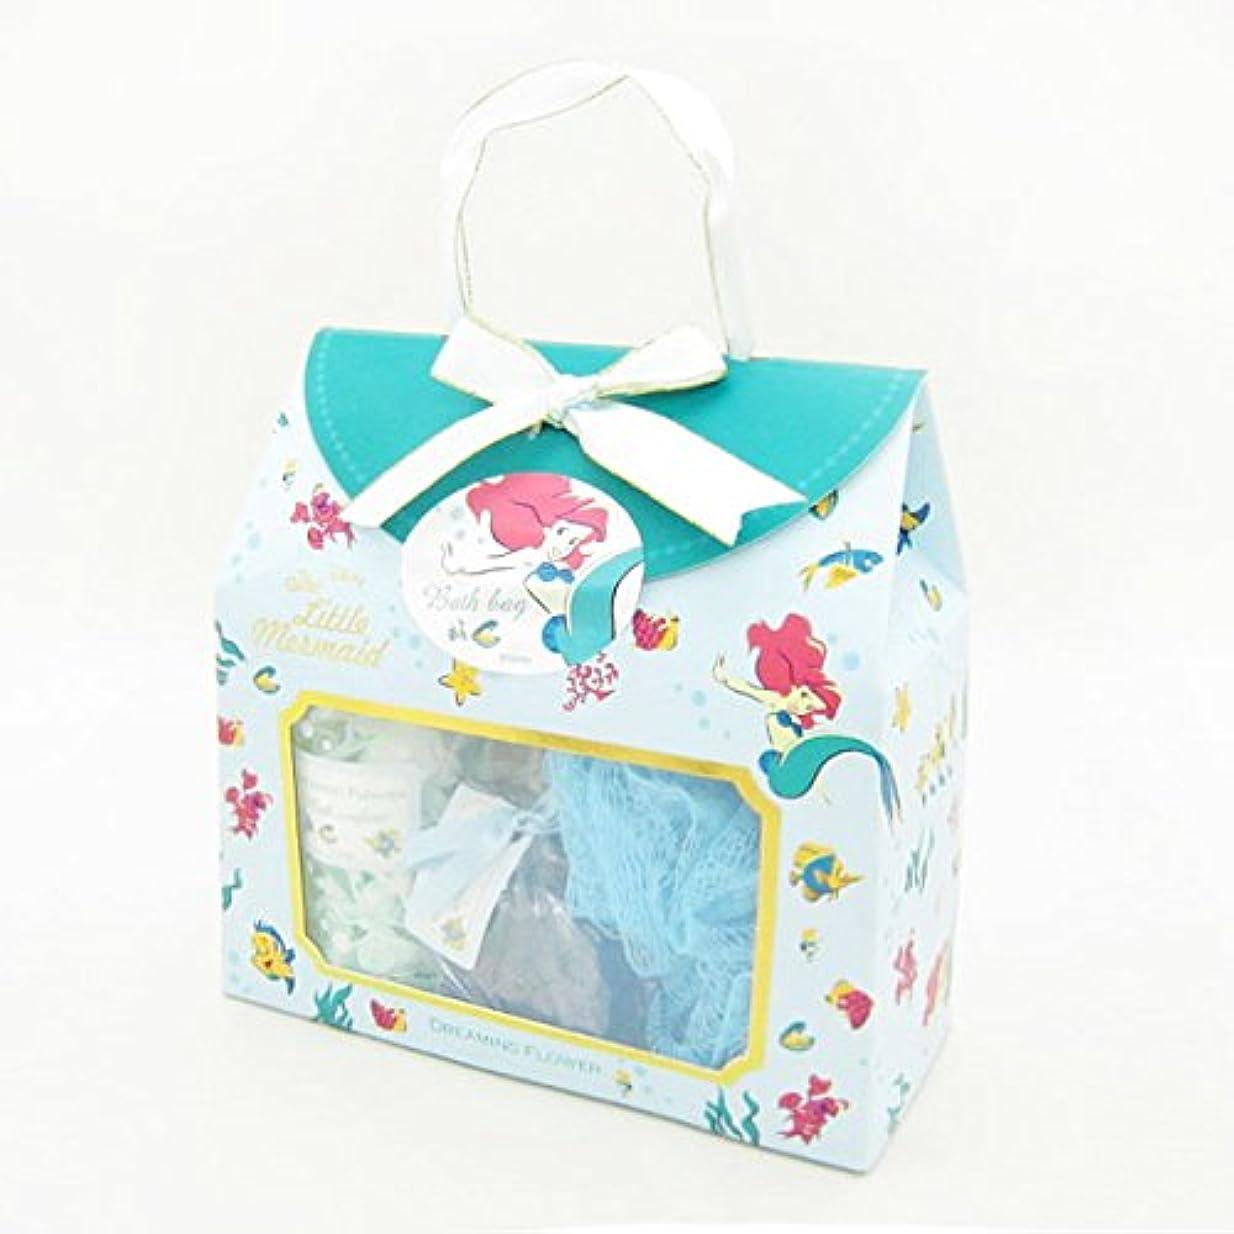 熱望する自分自身患者ディズニーフレグランスコレクション バスバッグト5点セット アリエル ドリーミングフラワー(透明感のあるムスクの香り)